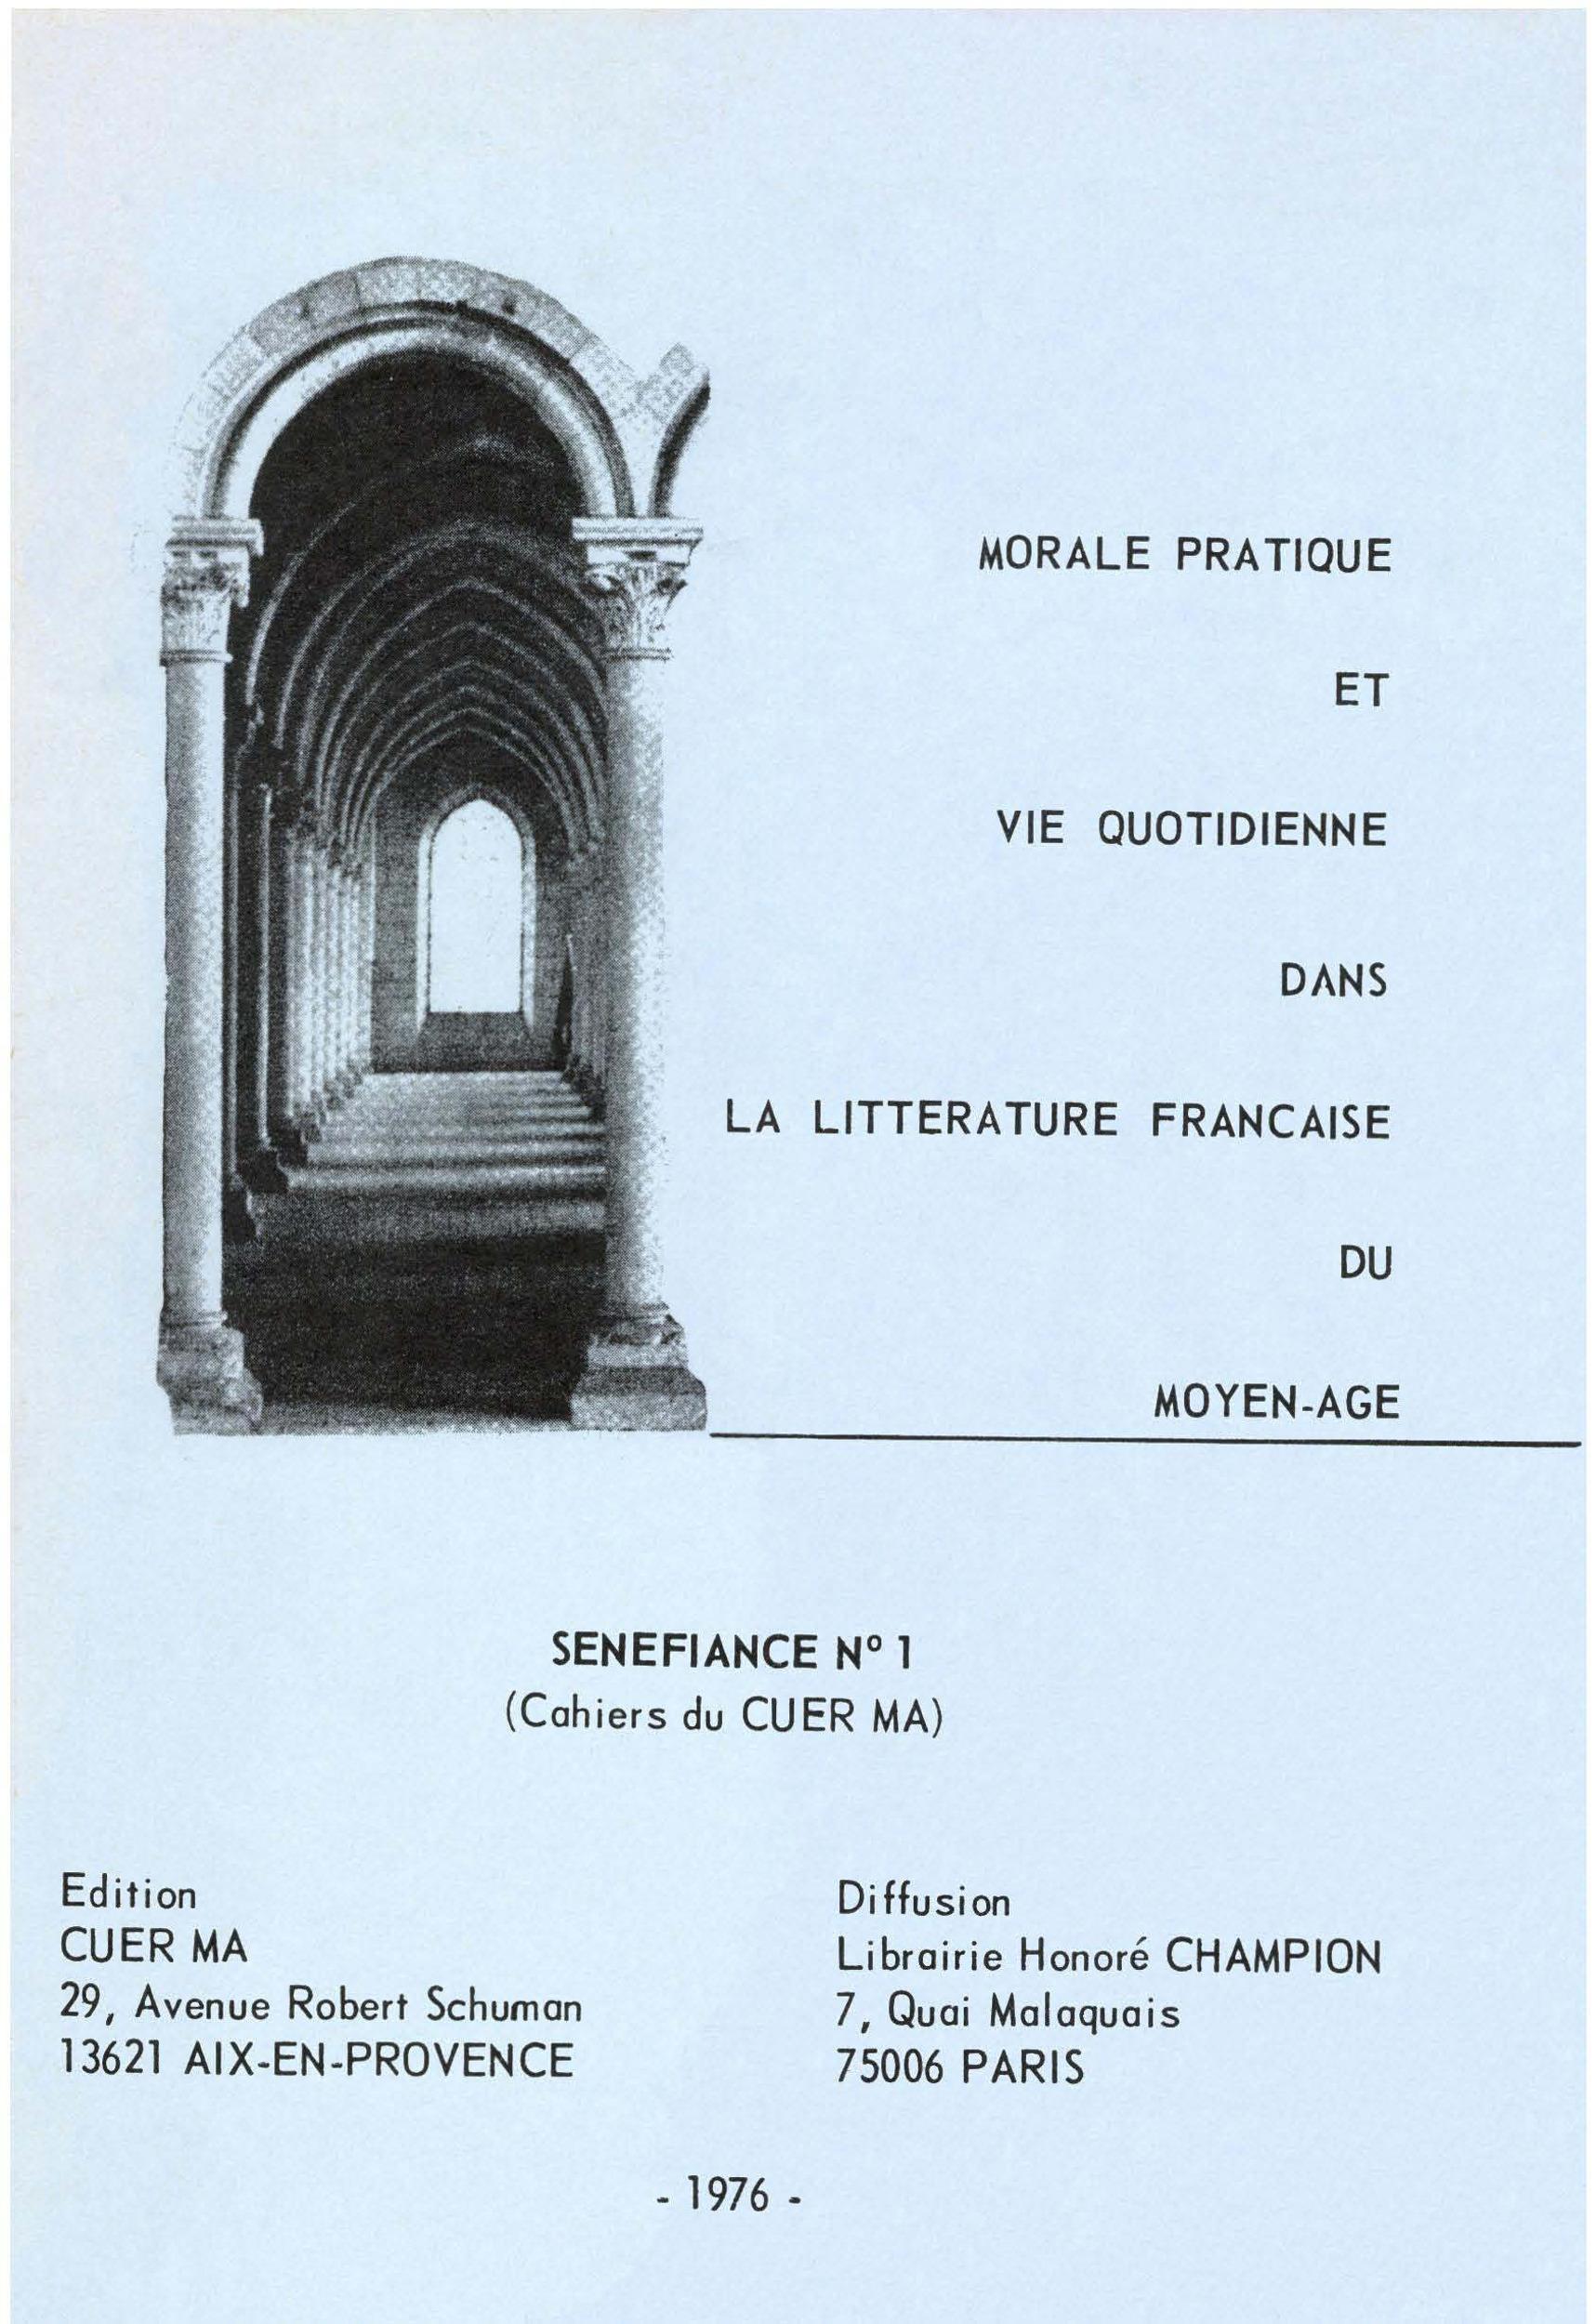 Morale pratique et vie quotidienne dans la littérature française du Moyen Âge